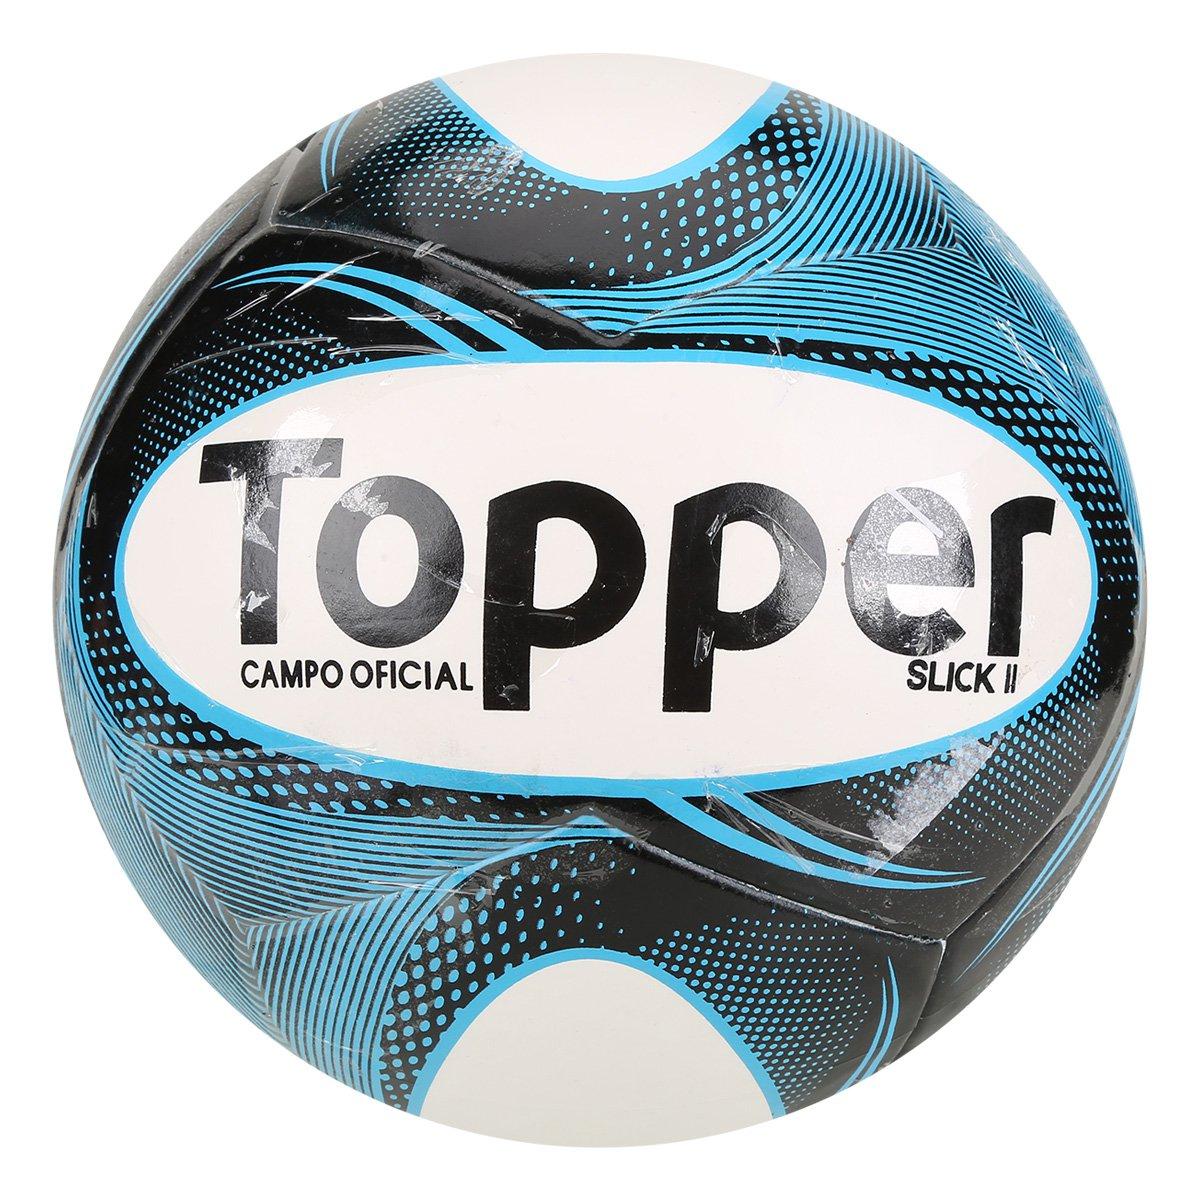 Bola Futebol Campo Topper Slick II - Branco e Preto